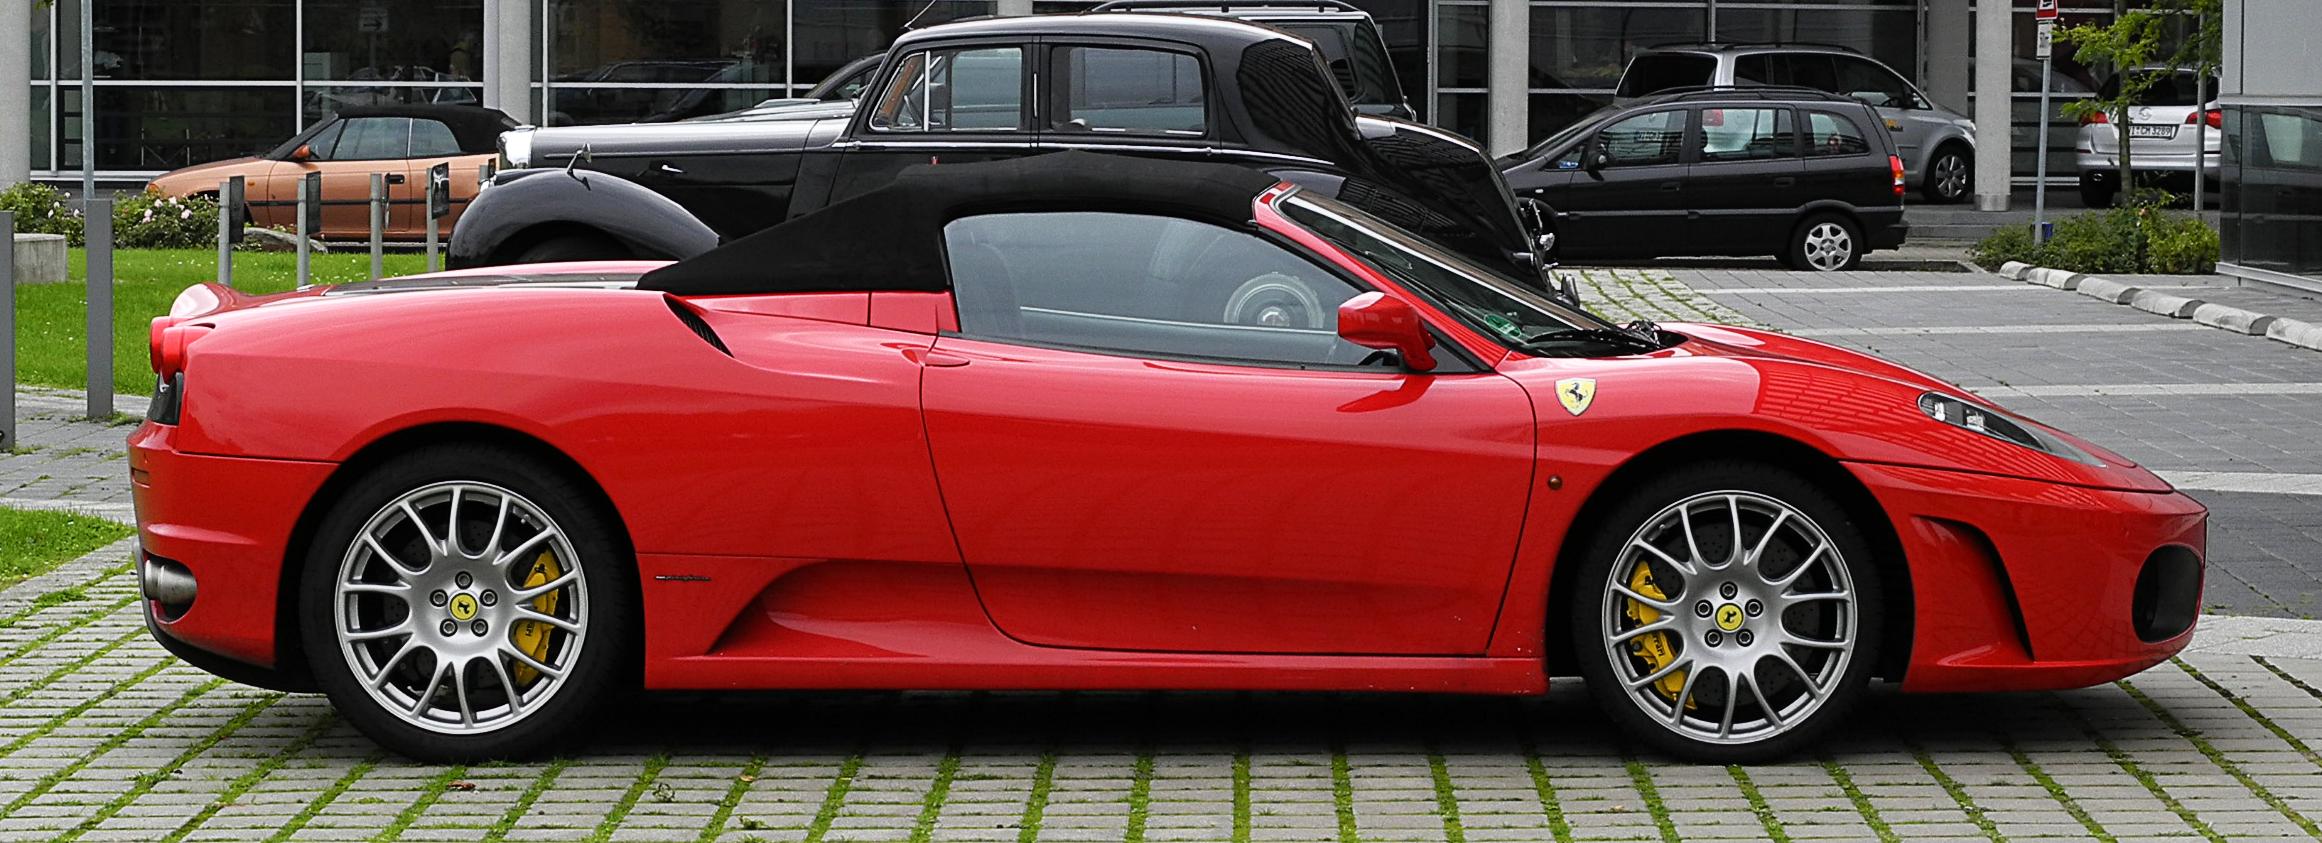 File:Ferrari F430 Spider – Seitenansicht, 30. August 2011 ...